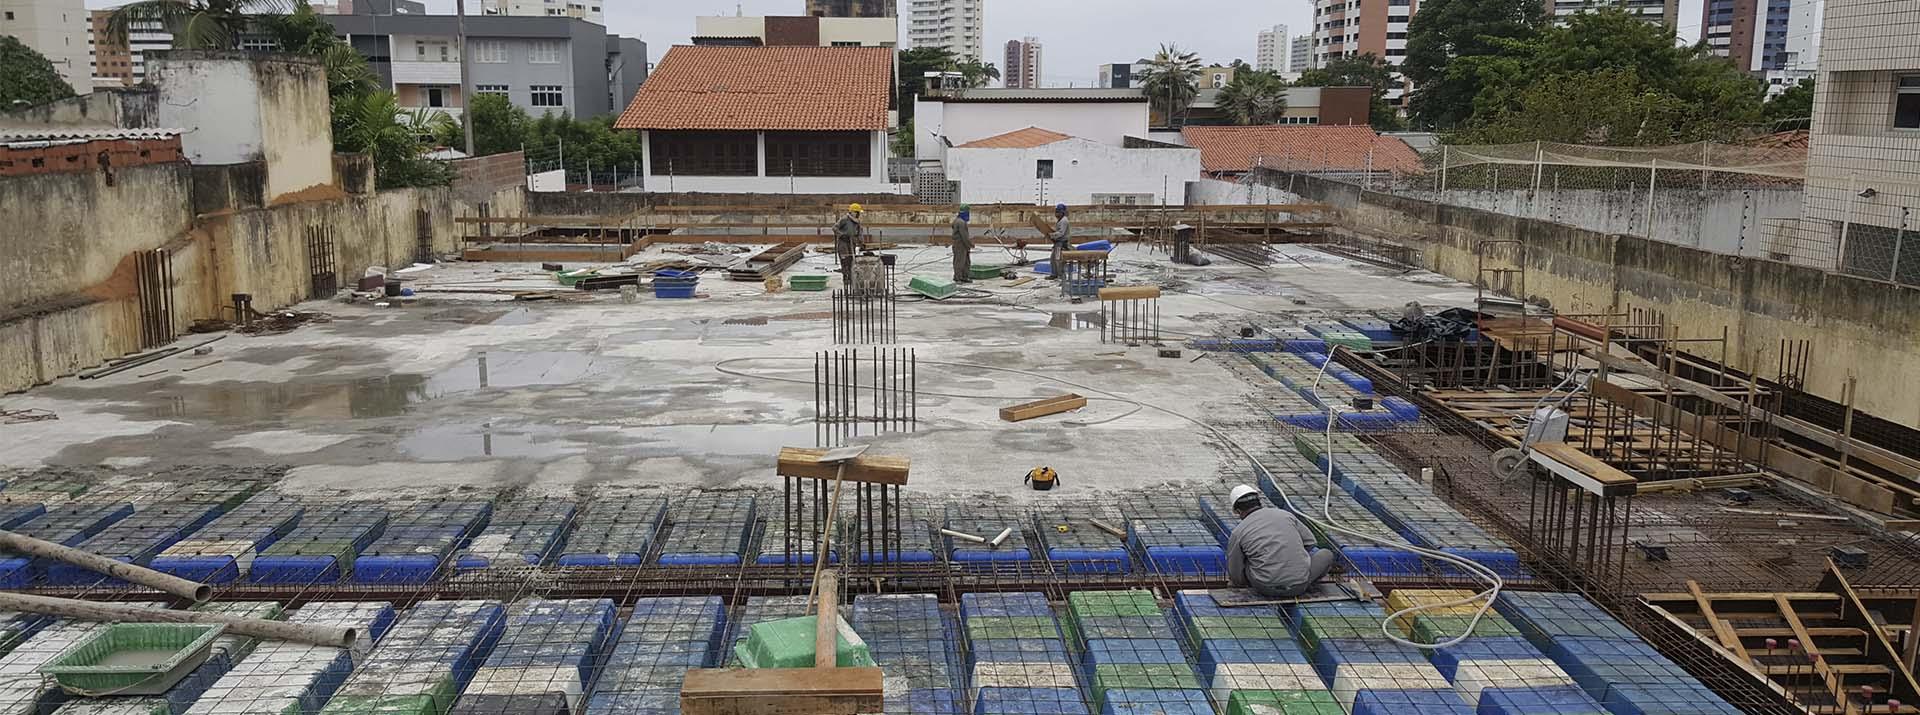 Vista Canteiro de Obra - Etapa Estrutura do Pavimento Térreo - julho 2018